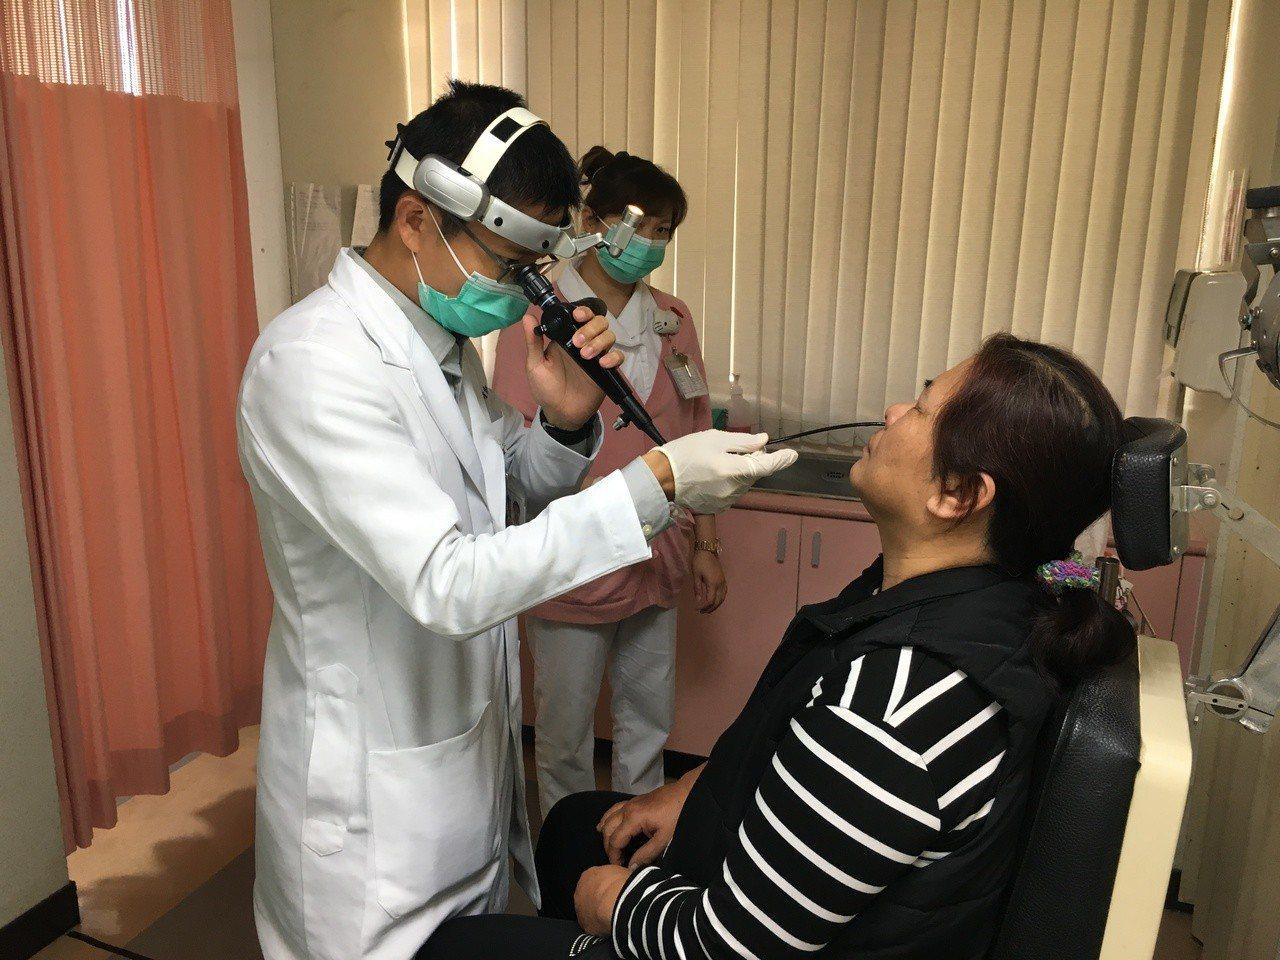 國軍台中總醫元支援南投醫院醫生賴文森(左)透過鼻內視鏡為患者(非文中當事人)檢查...